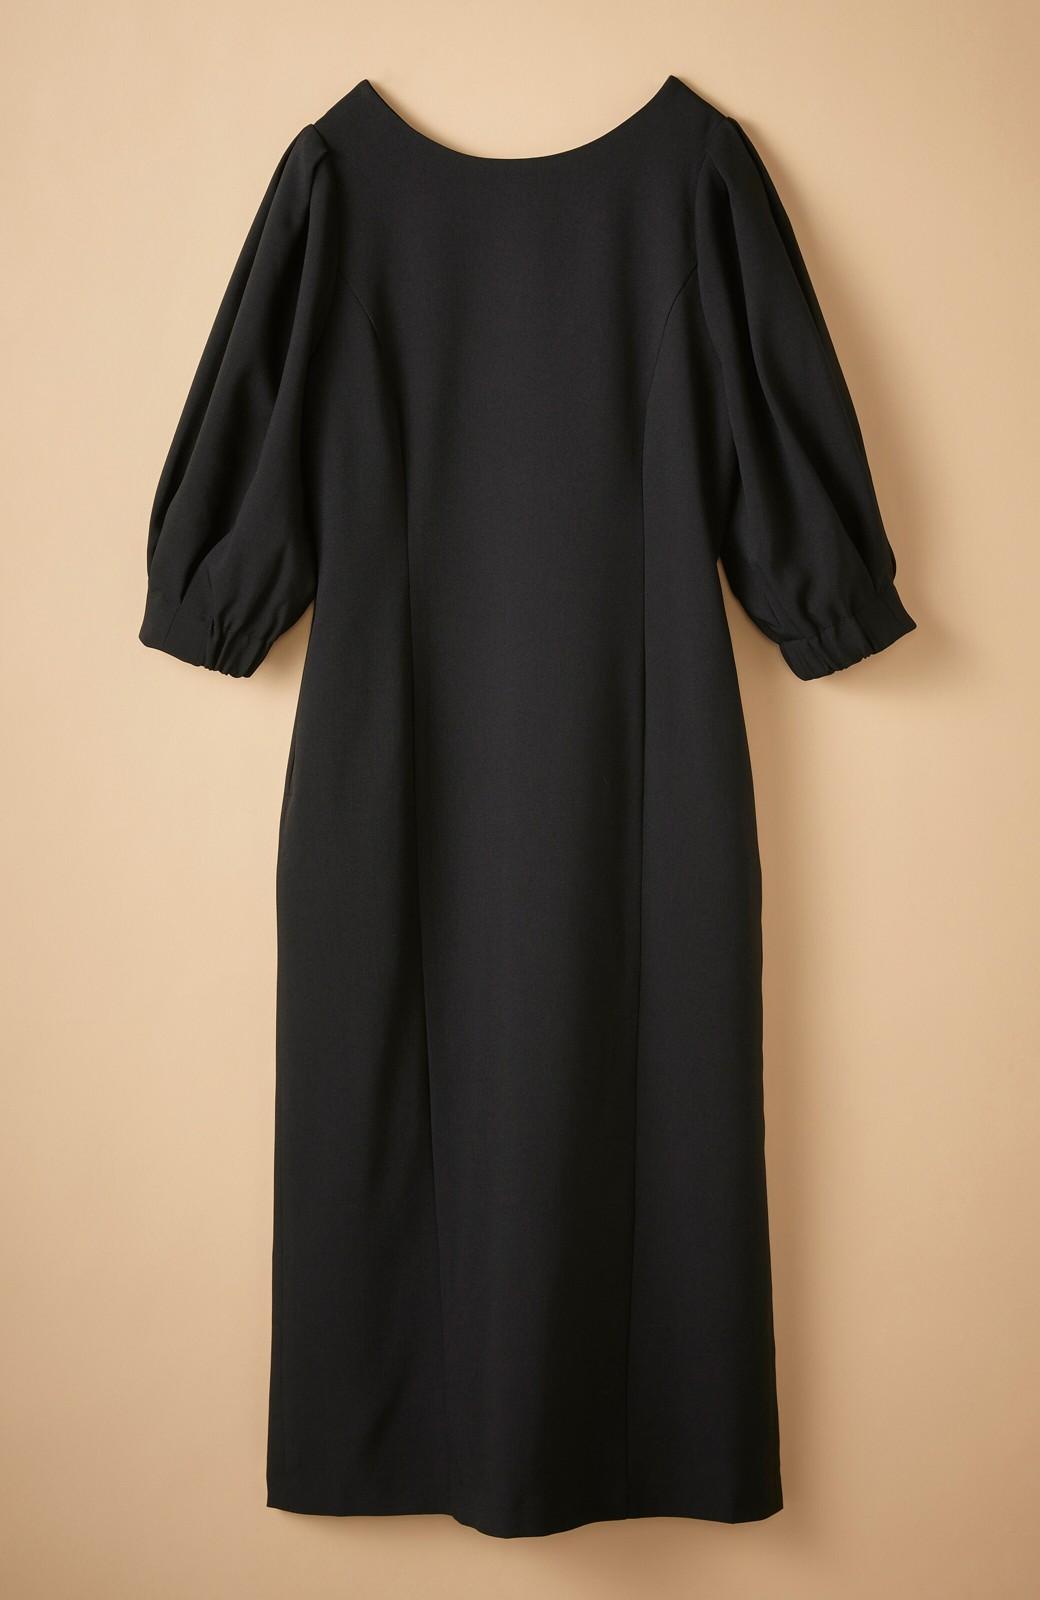 haco! きちんとシーンもオシャレでいたい大人のためのボリューム袖がかわいい麻調素材のワンピース by que made me <ブラック>の商品写真18